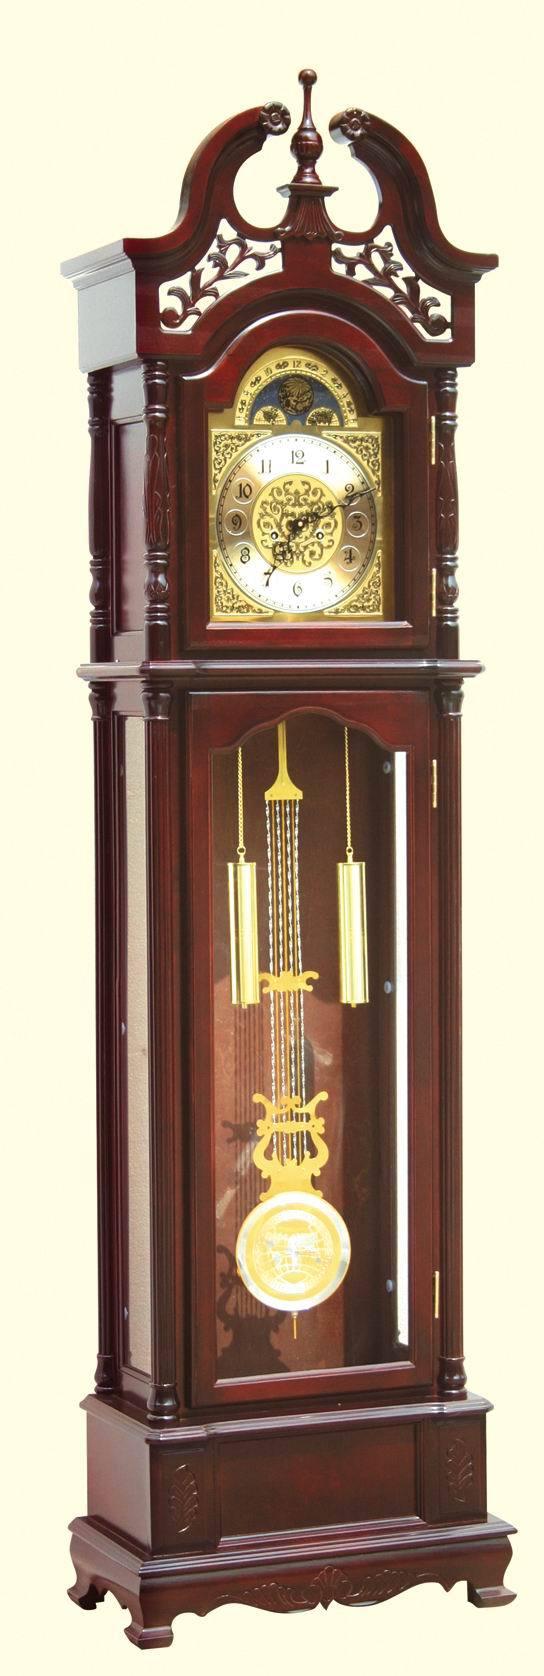 *中式风格经典立钟落地钟木制2013玻璃0.5店铺三包金属手动机械